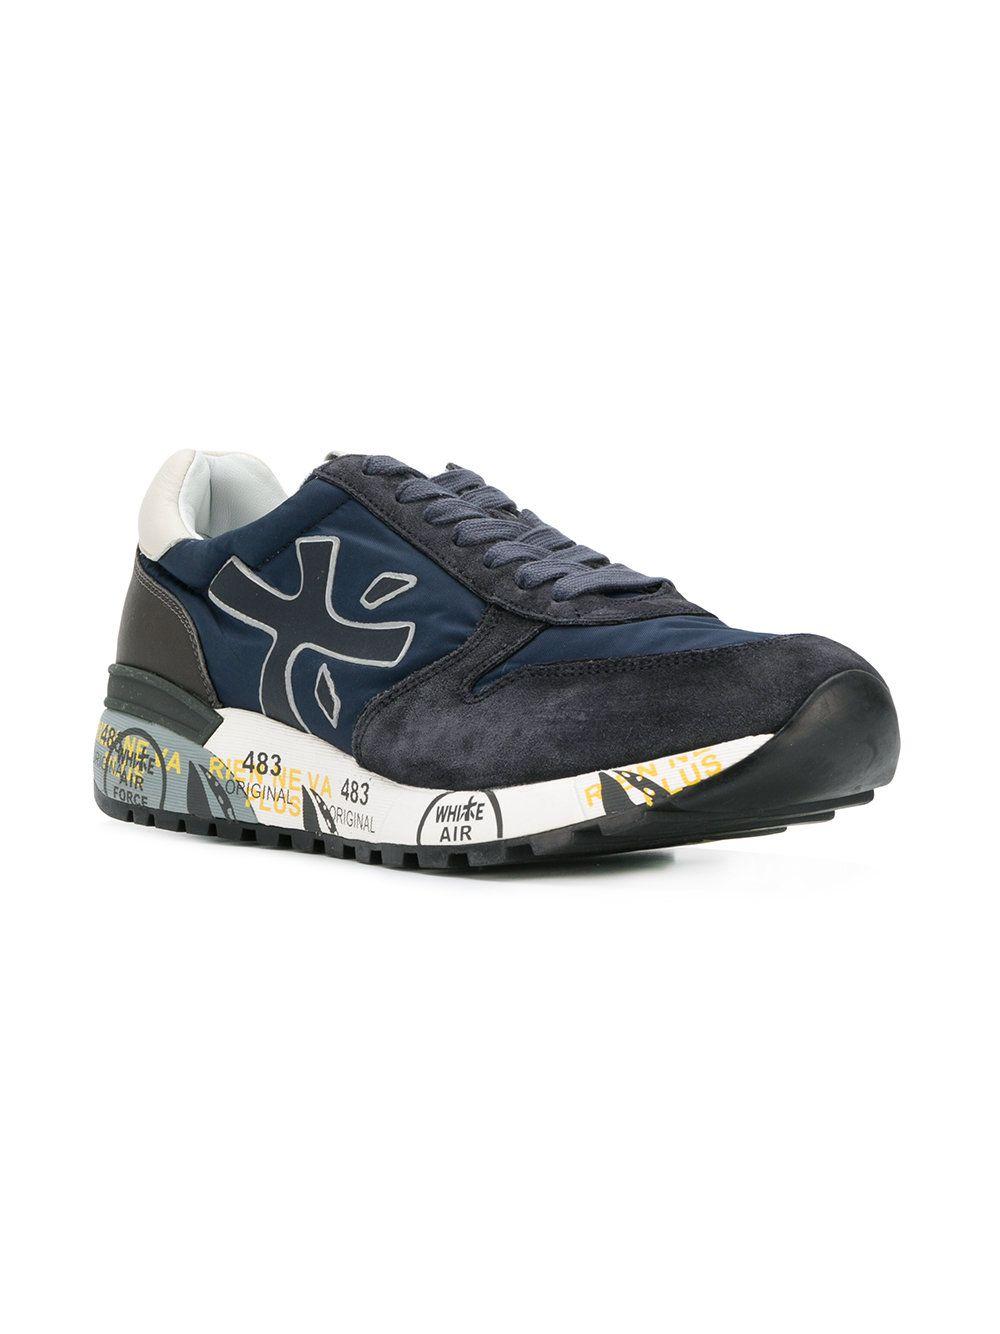 f67a4eb3cf0  premiata  sneakers  mick  style  blue  shoes  men  sporty  fashion  www.jofre.eu